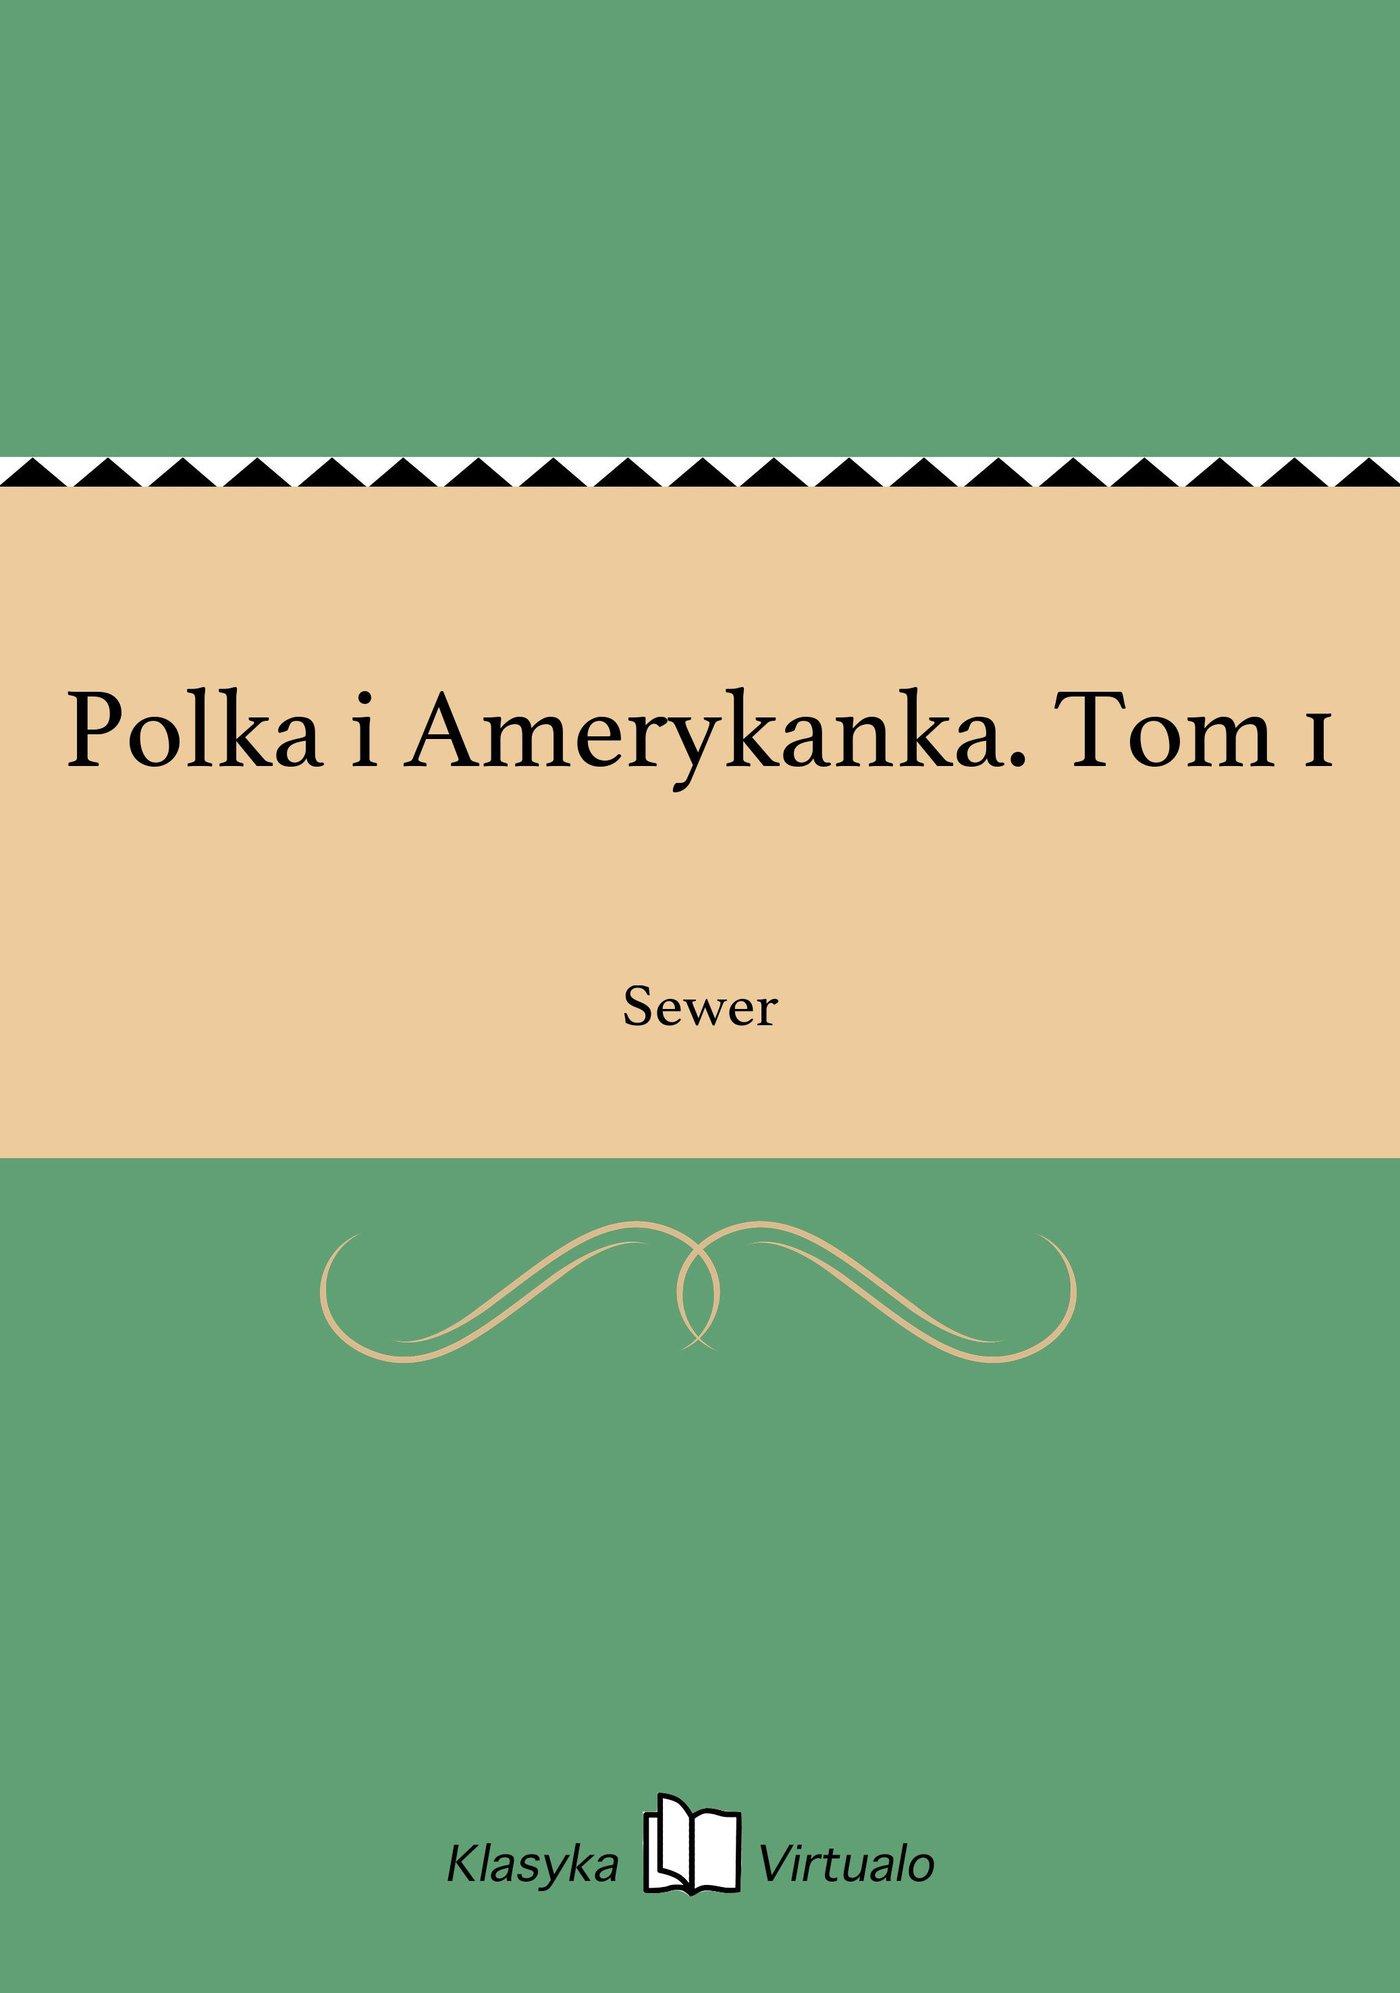 Polka i Amerykanka. Tom 1 - Ebook (Książka EPUB) do pobrania w formacie EPUB